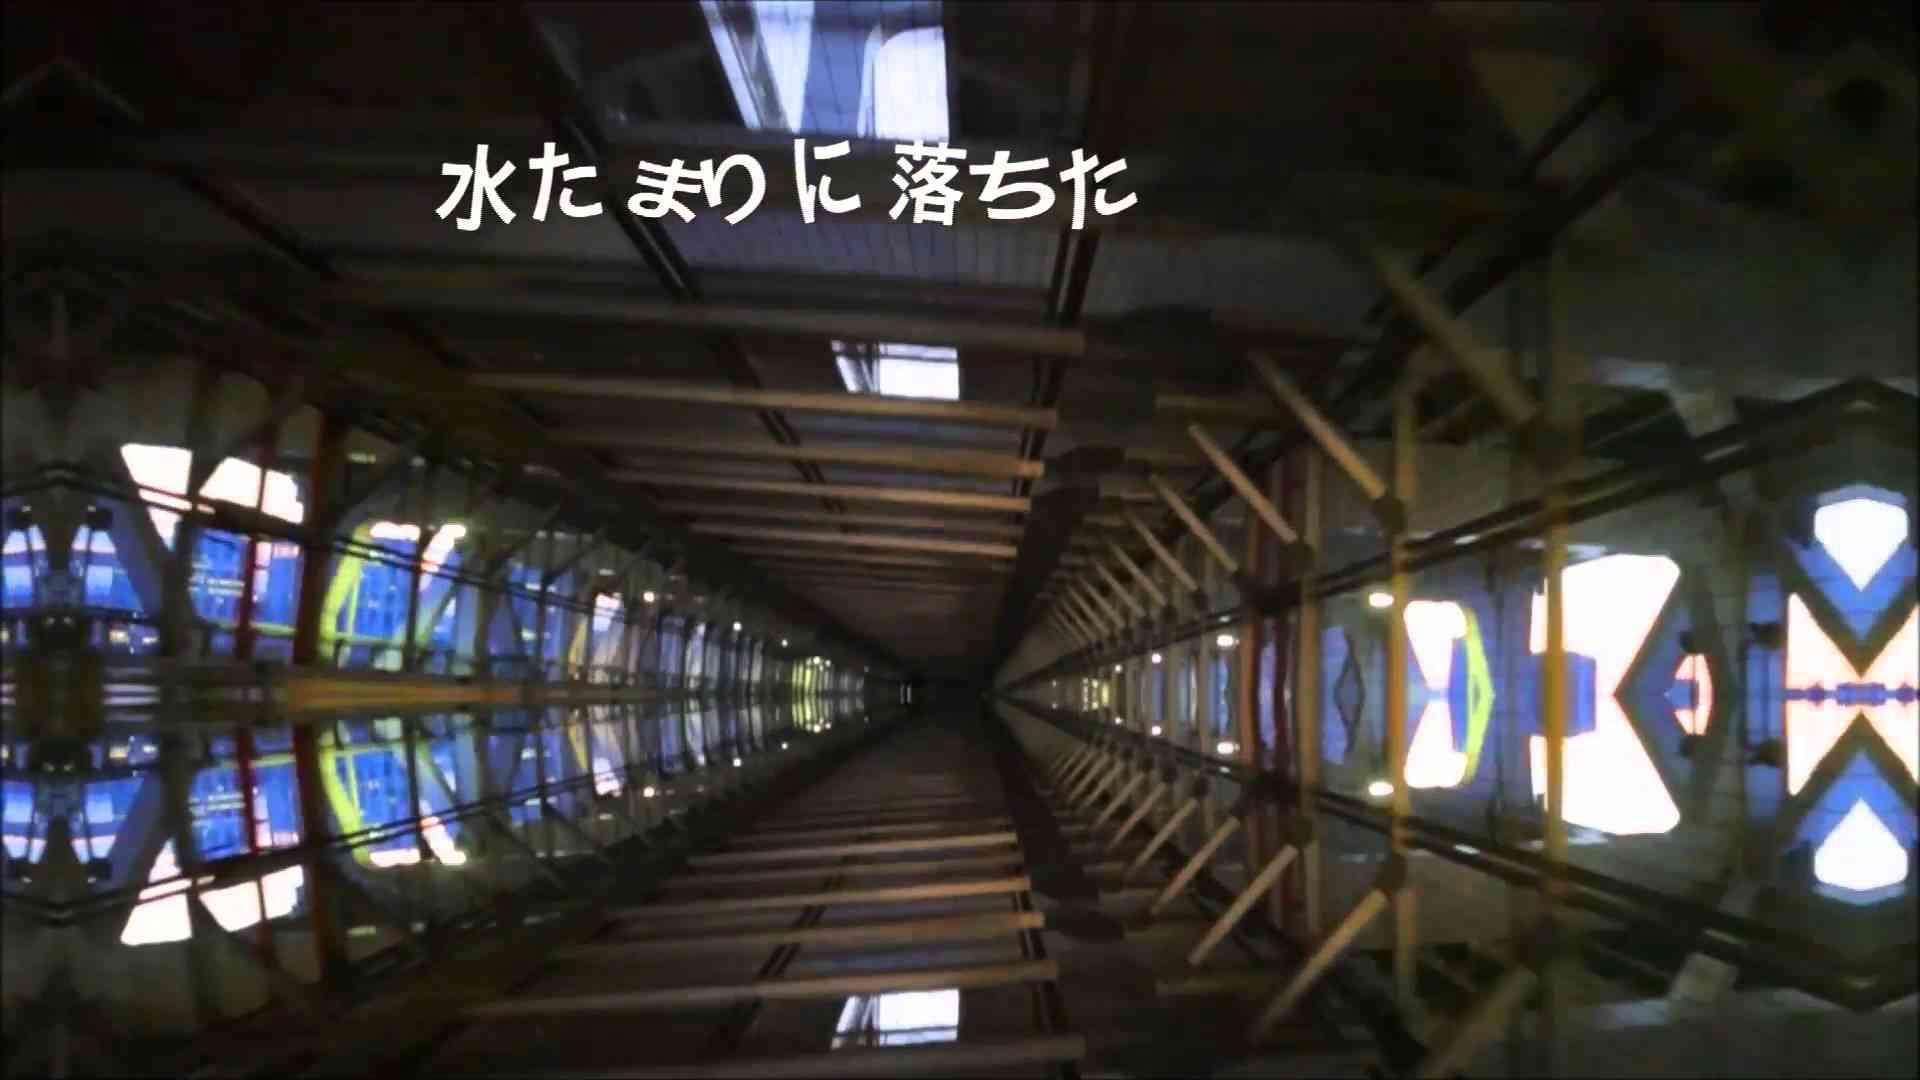 EGO-WRAPPIN' 『サニーサイドメロディー』 - YouTube